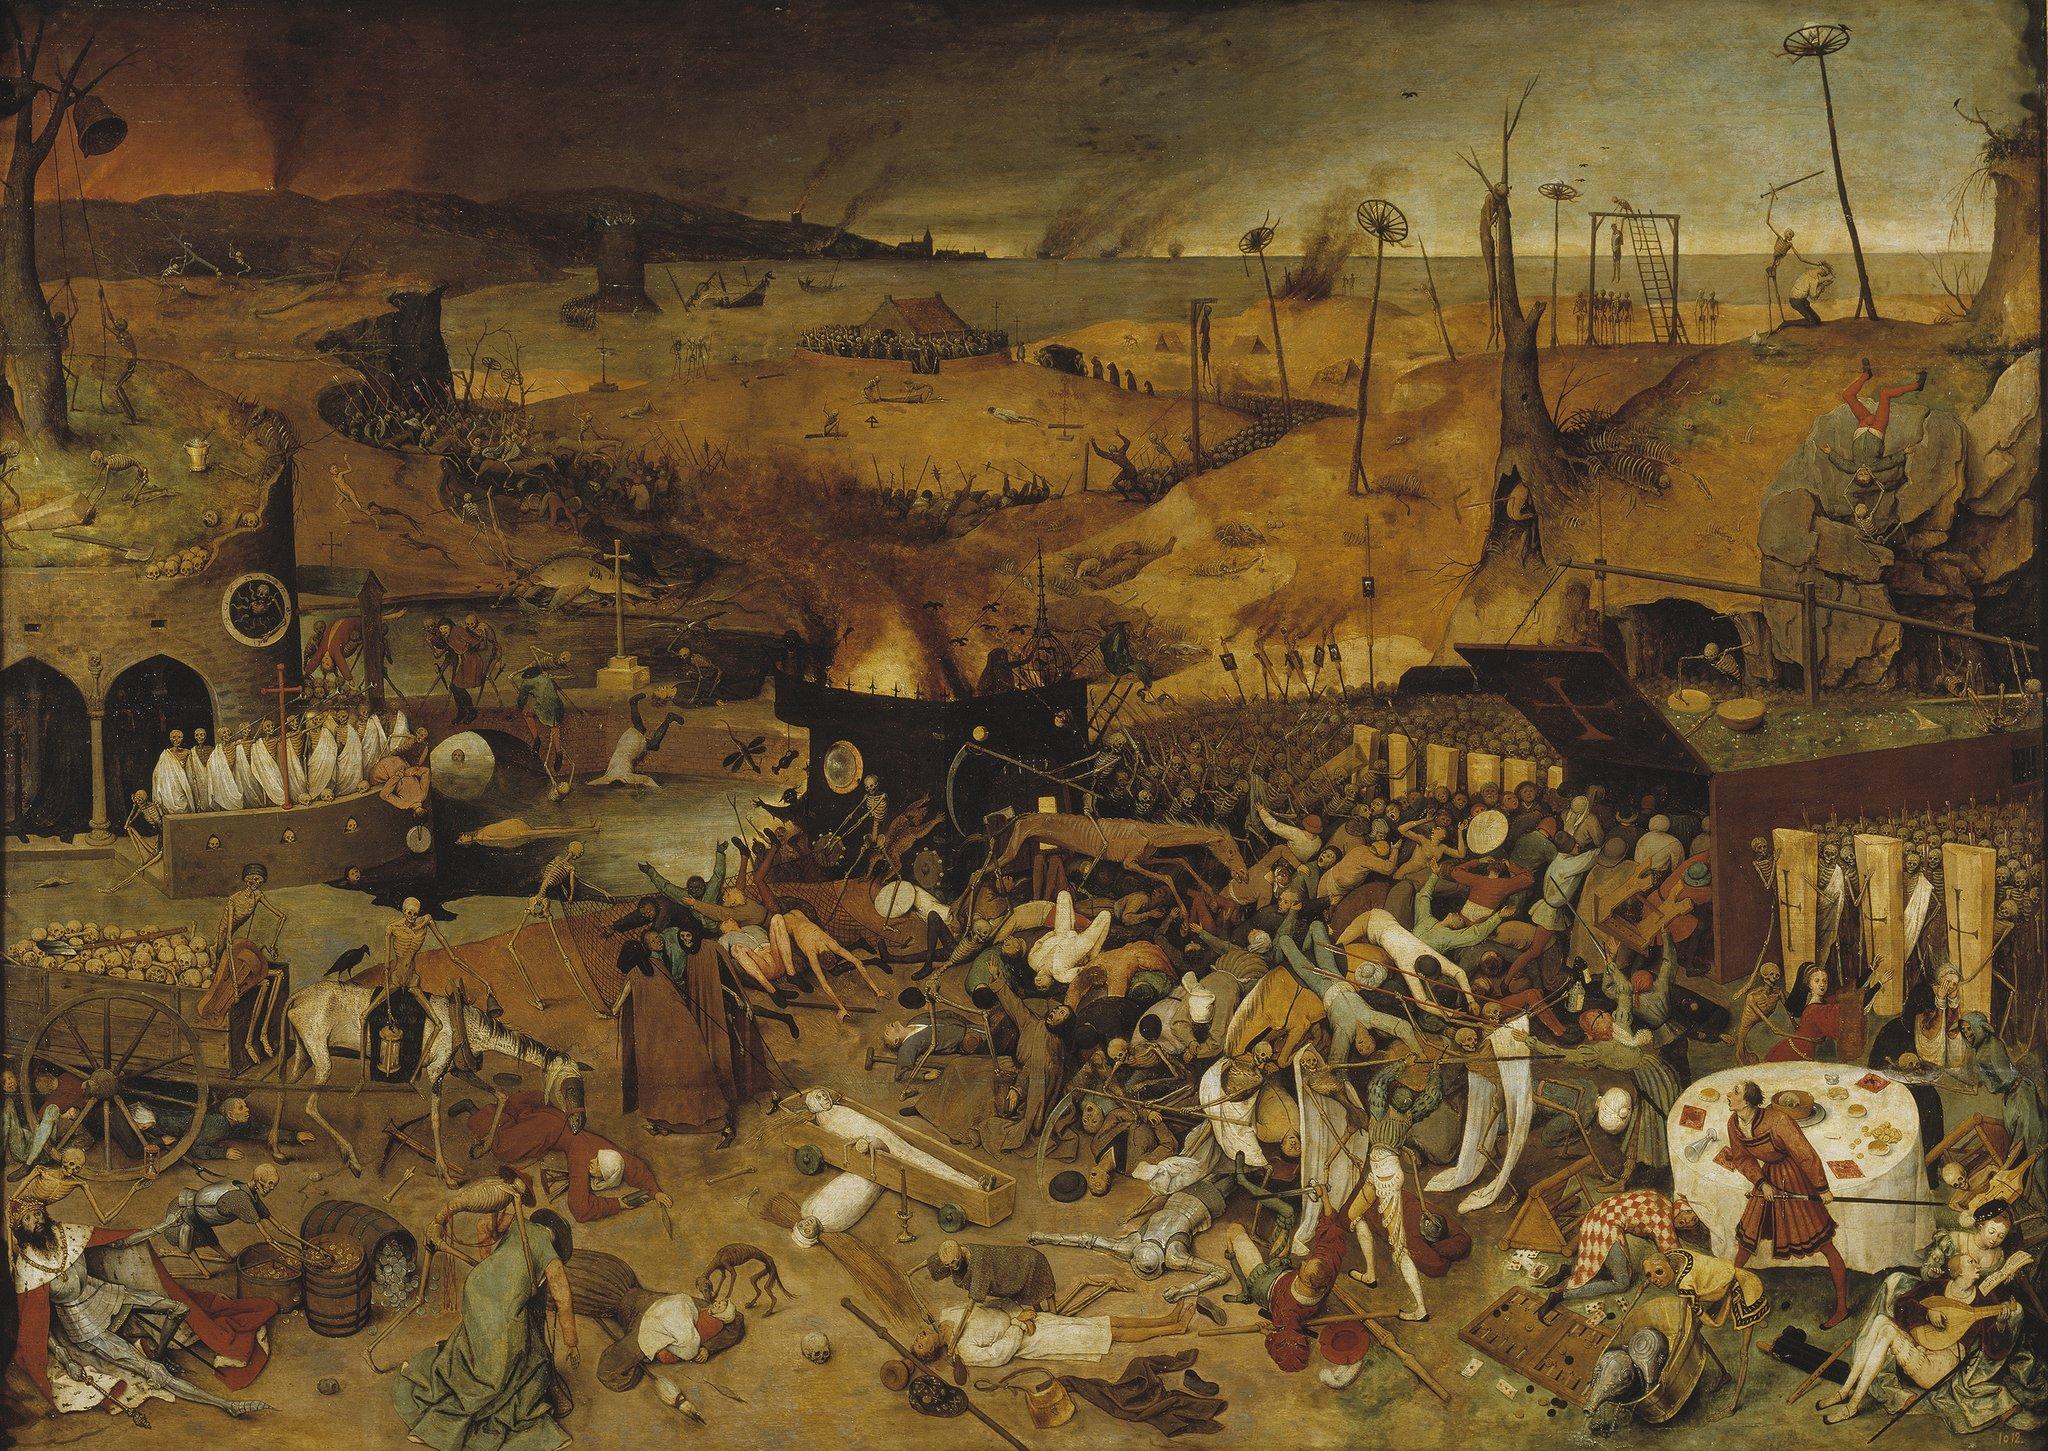 Triumf śmierci Źródło: Pieter Bruegel, Triumf śmierci, 1562, Museo del Prado, Madryt, licencja: CC BY 1.0.